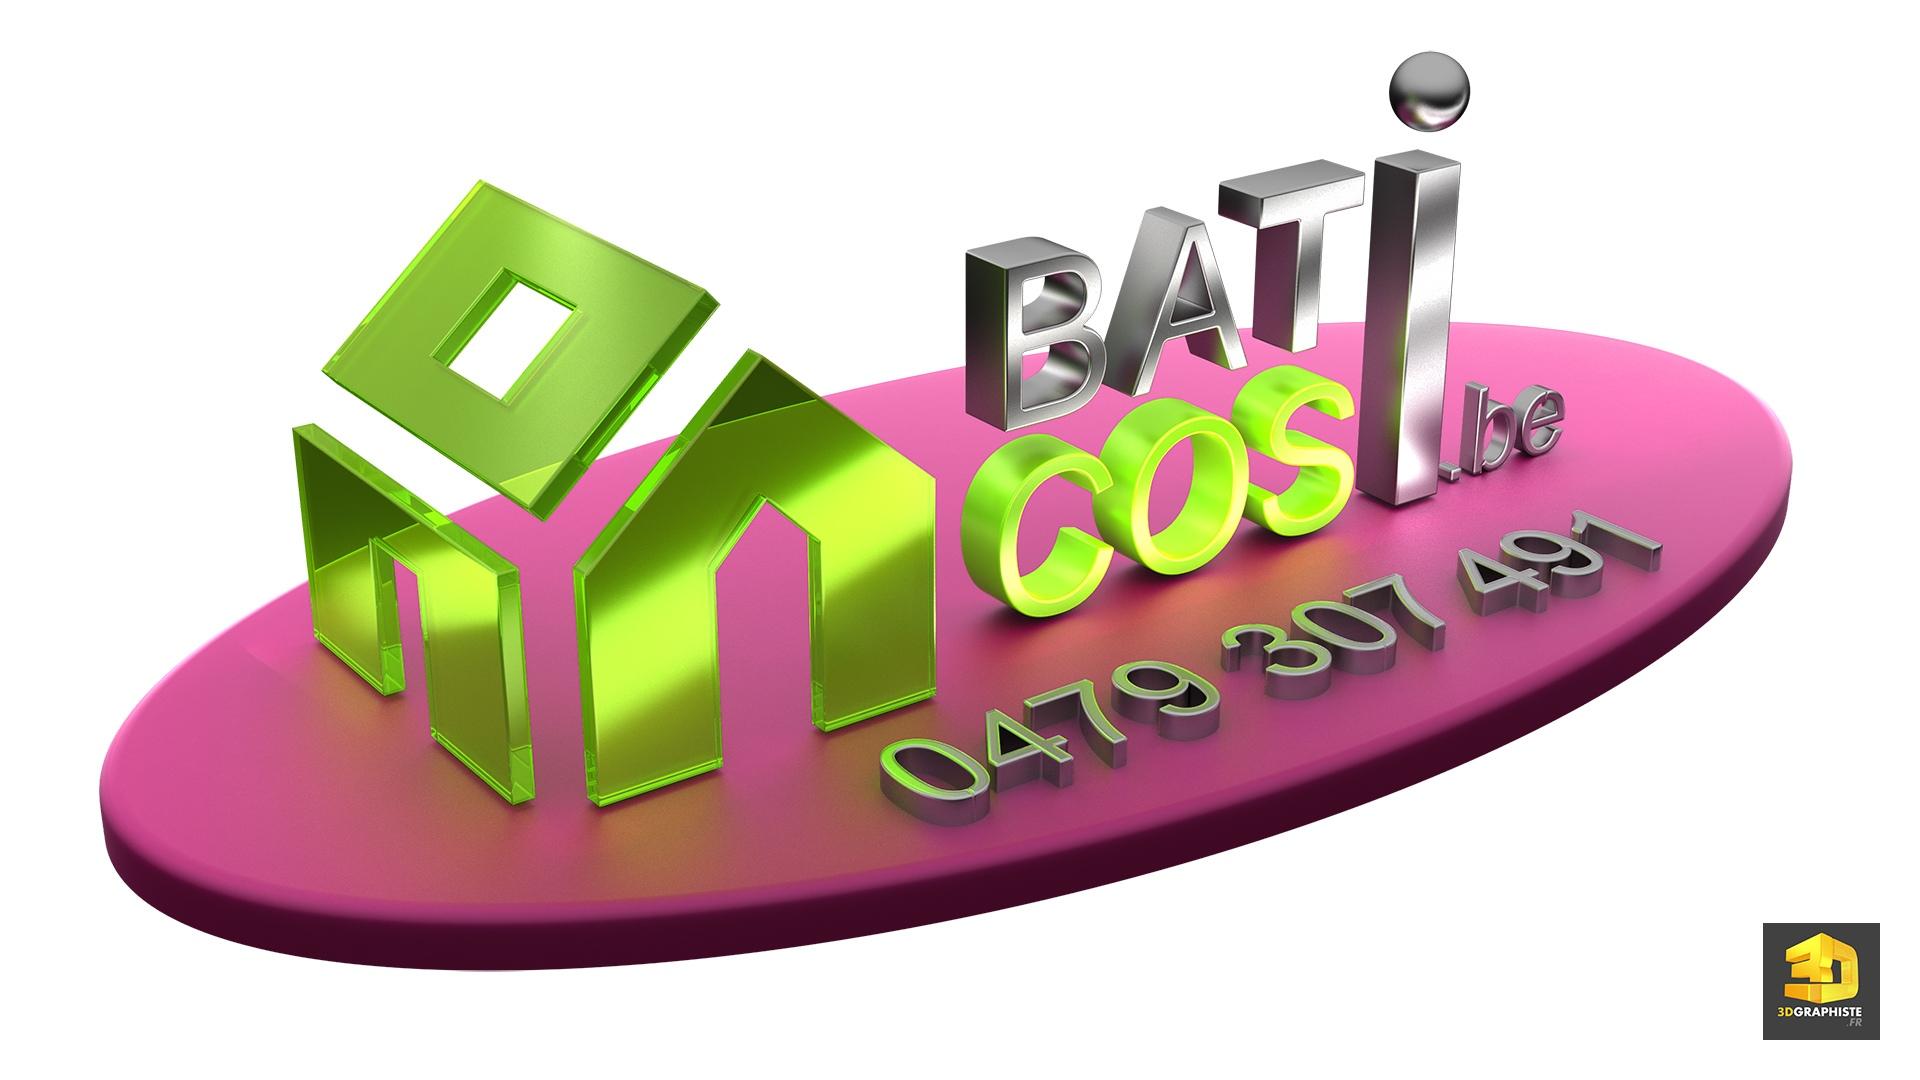 Mod Lisation 3d D 39 Un Logo Bati Cosi 3dgraphiste Fr